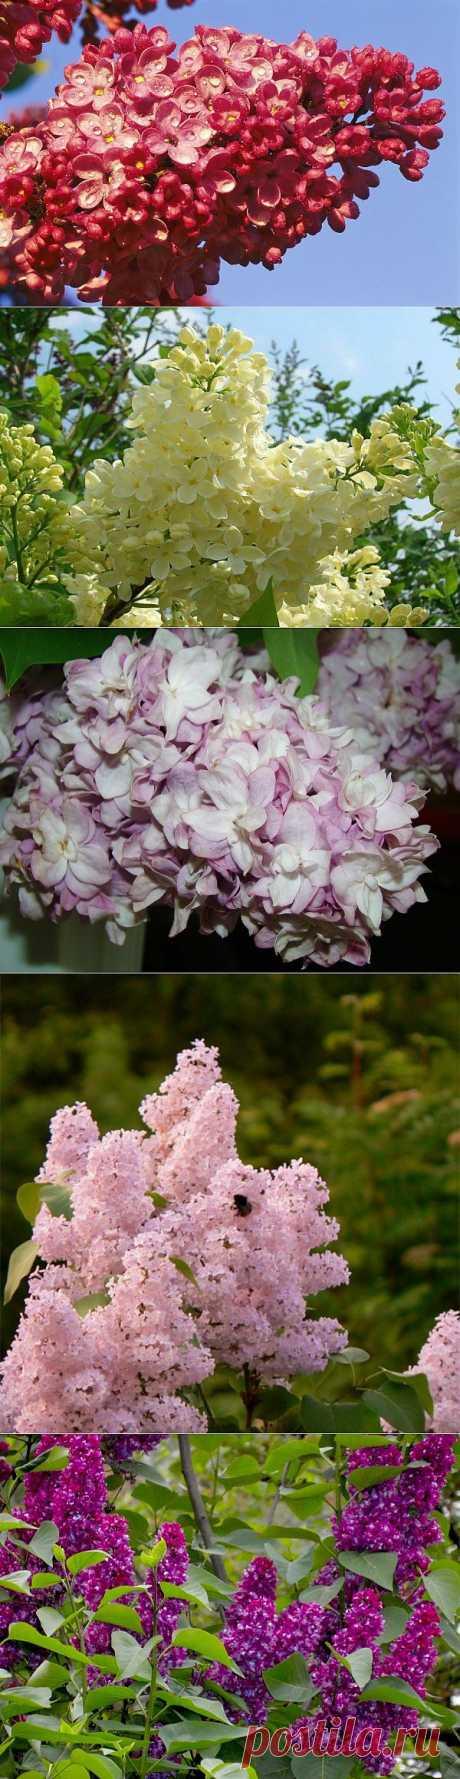 Сирень. Посадка,уход,размножение и сорта. Насчитывается около 30 видов этого цветущего кустарника, который относится к семейству маслиновых. Название сирени происходит из греческого языка от слова «трубка». Возможно, это обусловлено формой цветка сирени. У куста сирени много стволов, высотой куст бывает до 8 м, при красивой обрезке может иметь вид декоративного дерева с густой кроной и ароматными, густыми соцветиями.